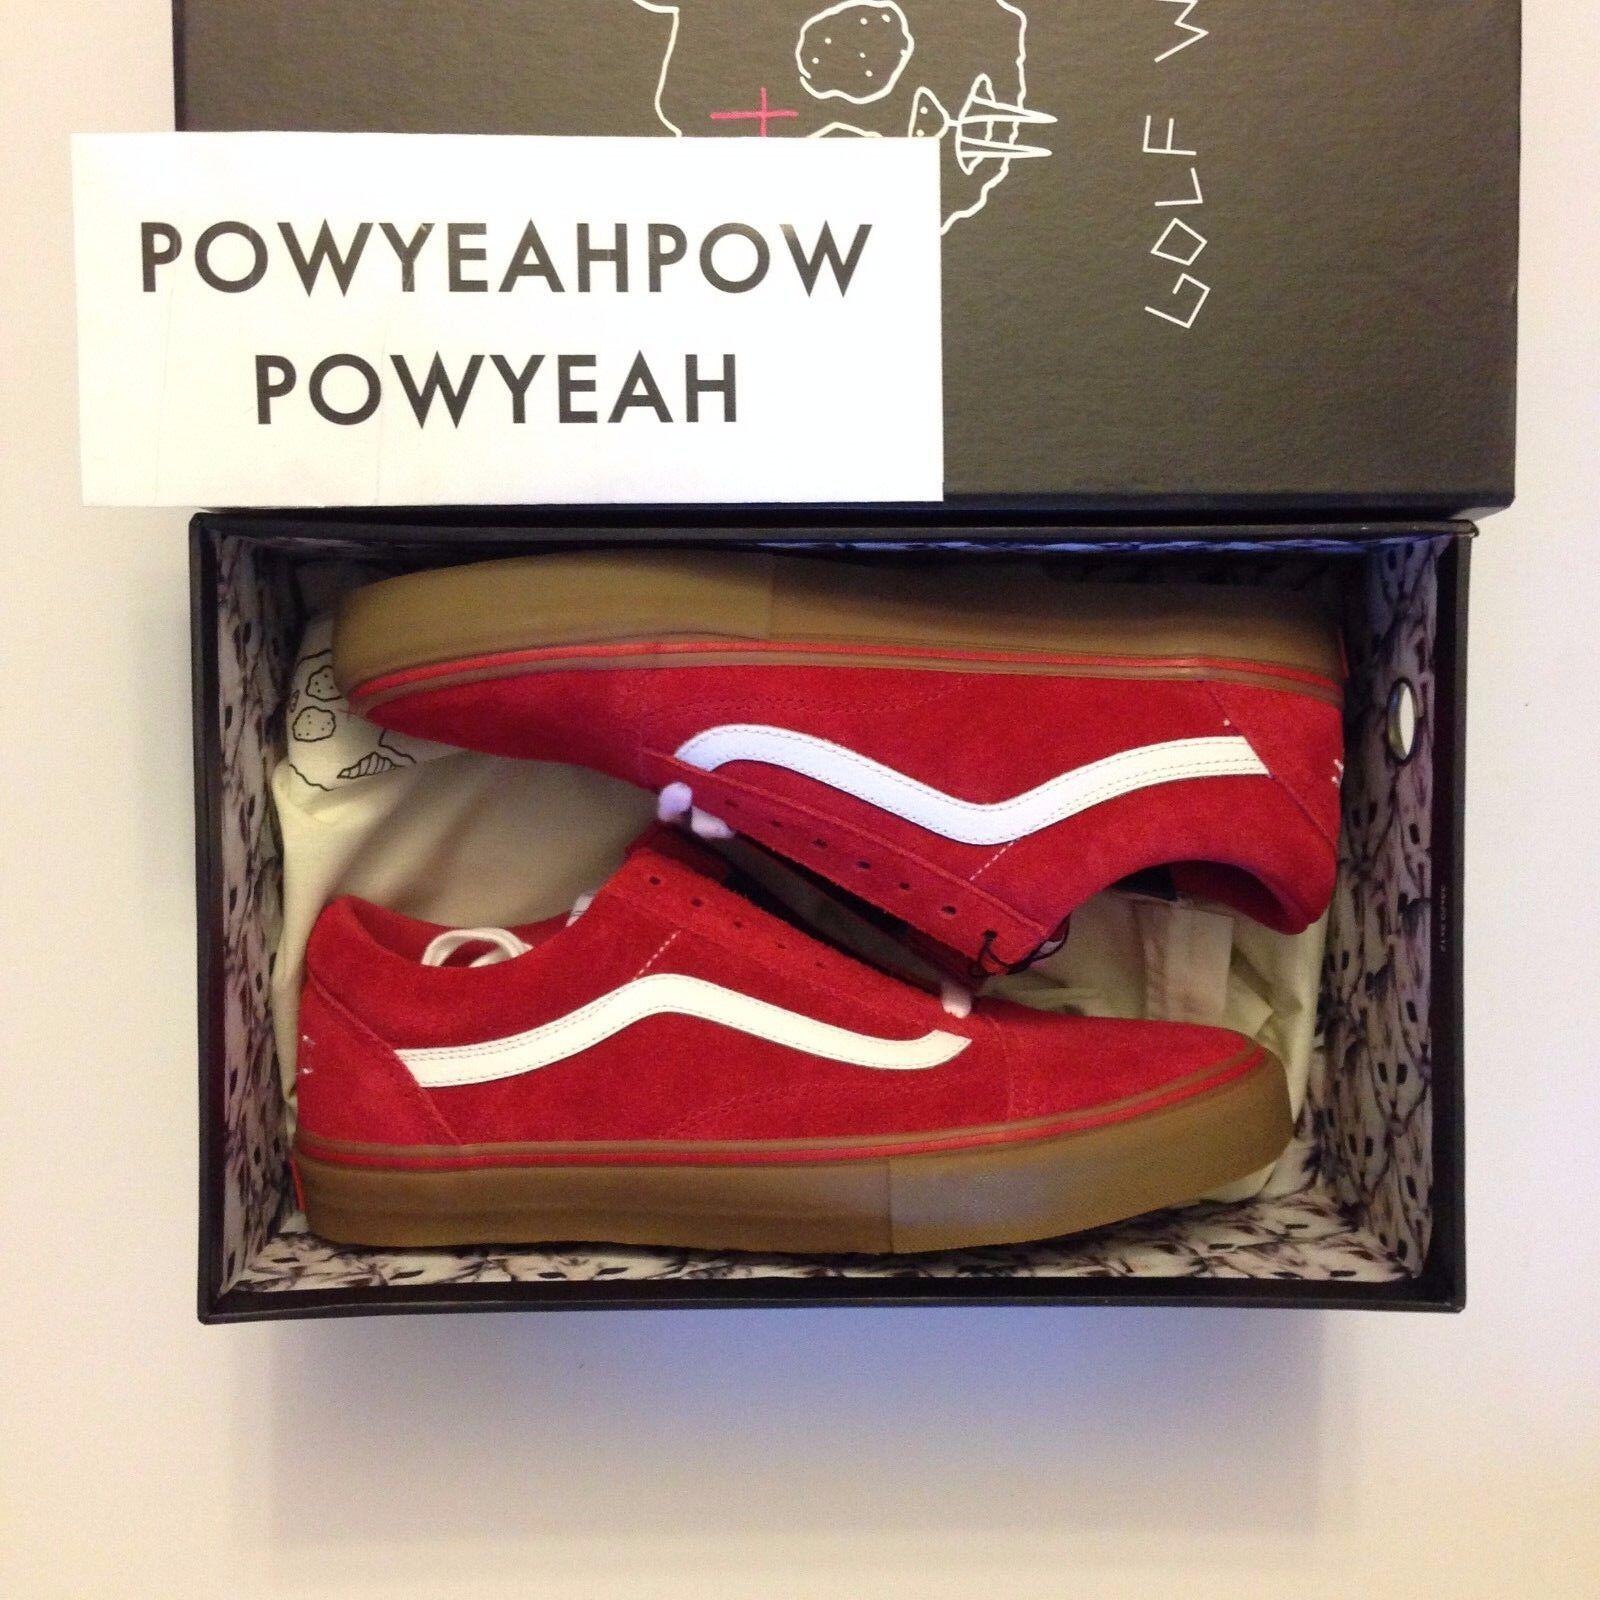 e9024694dad4 Спортивная обувь для мужчины VANS SYNDICATE GOLF WANG ODD FUTURE OLD SKOOL  PRO VN-OQHM8L - 232098477116 - купить на eBay.com (США) с доставкой в  Украину ...